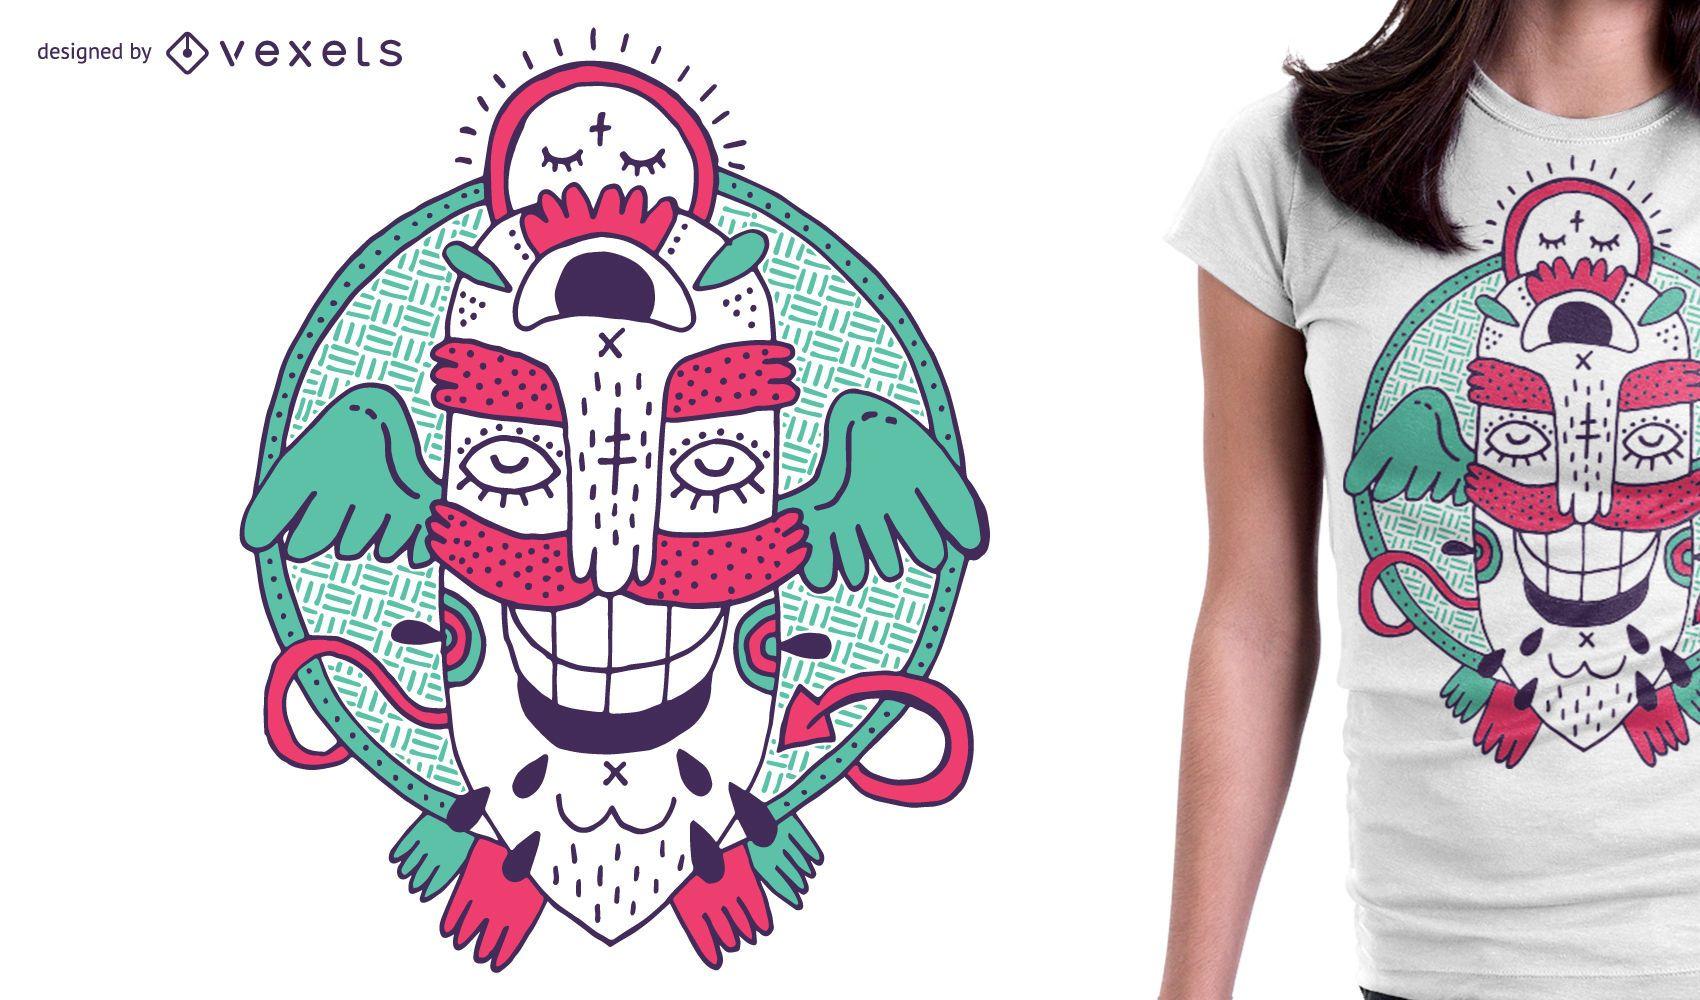 Divertido diseño de camiseta de monstruo para mercancía.